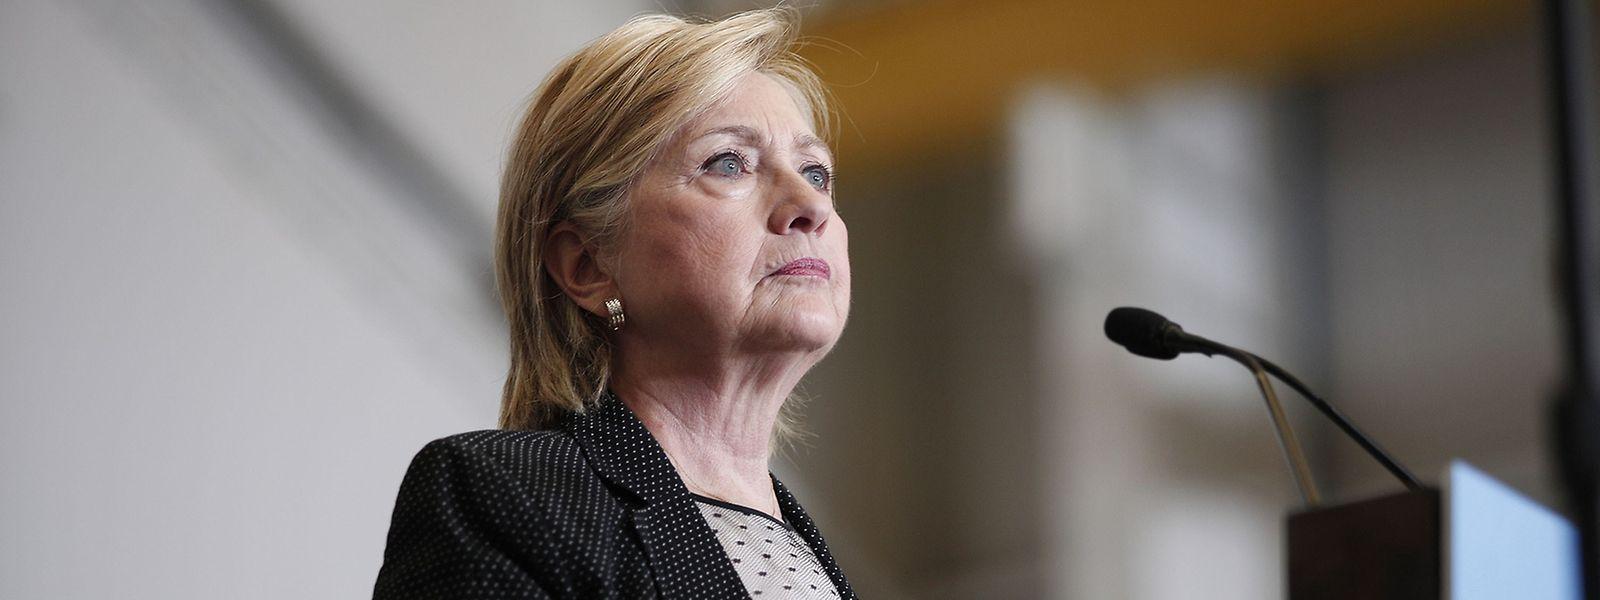 Am Donnerstag stellte Hillary Clinton auch ihren Wirtschaftsplan vor.